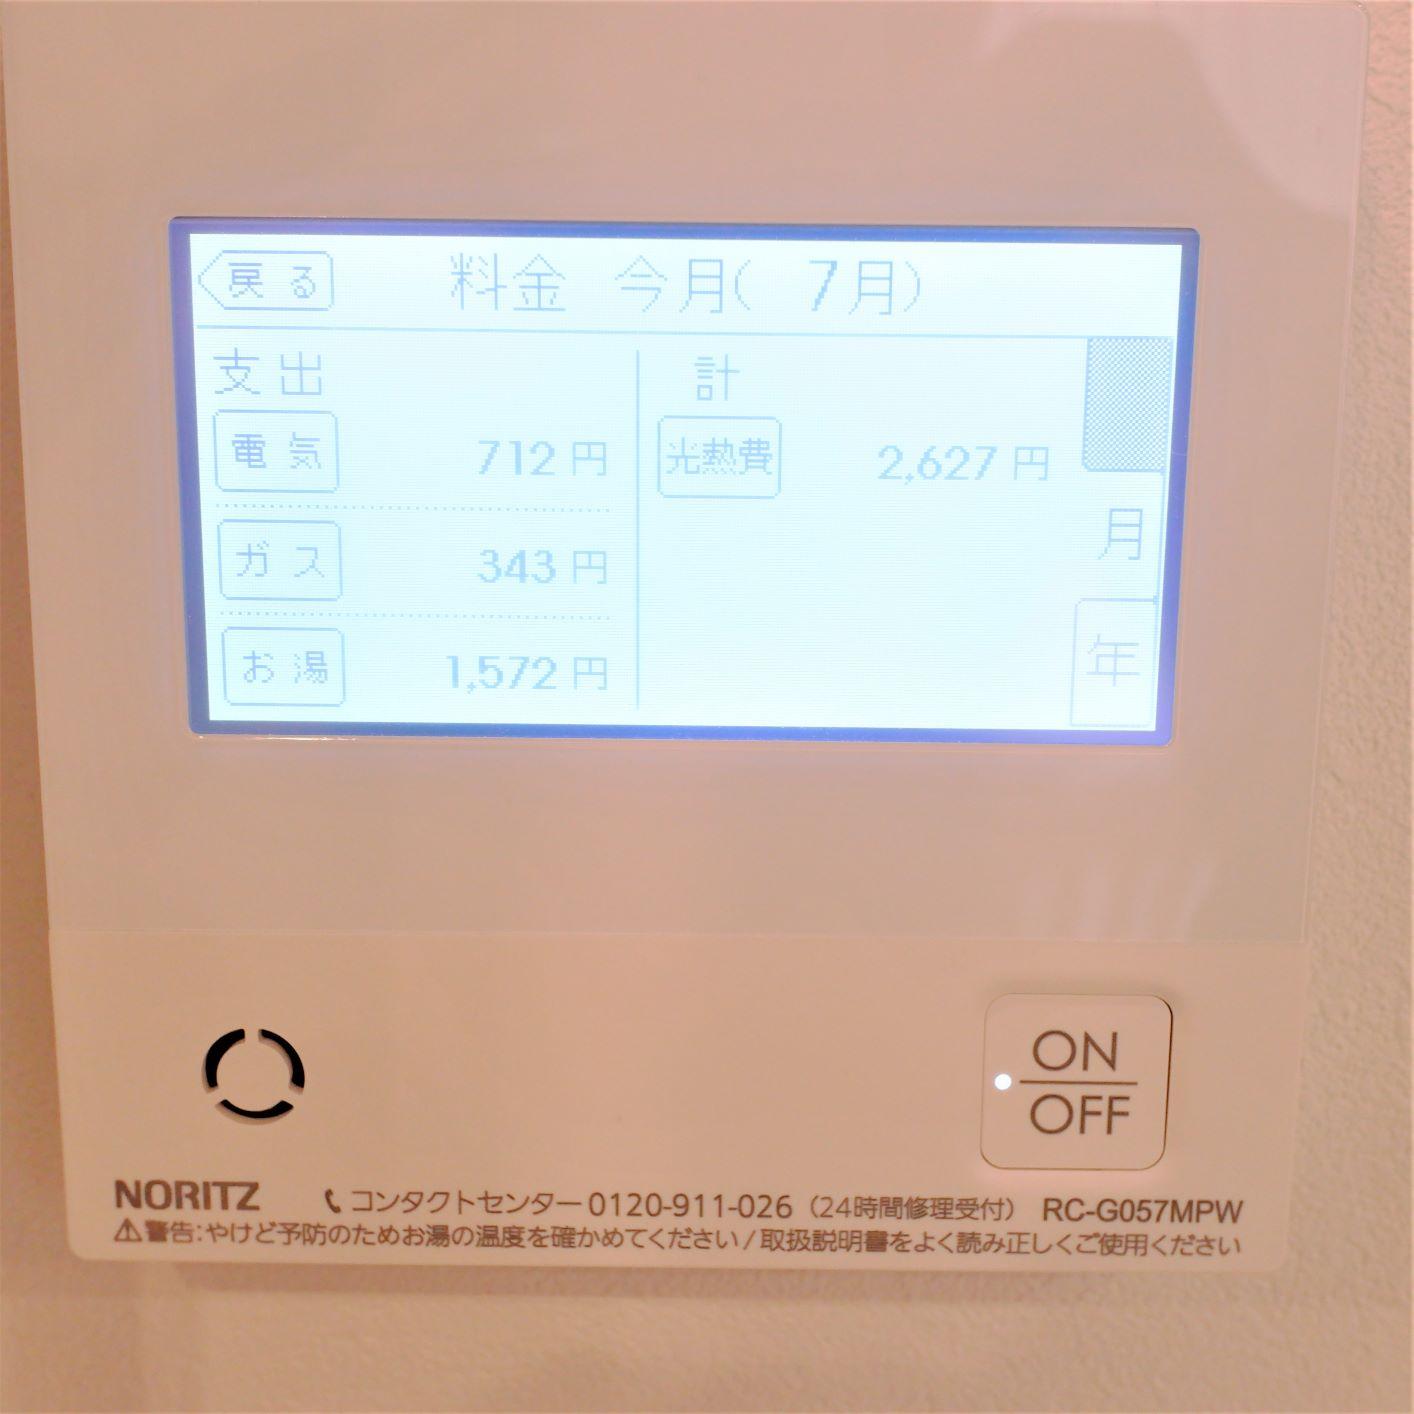 電気代の高い家電は?我が家の電気代と電気代の調べ方